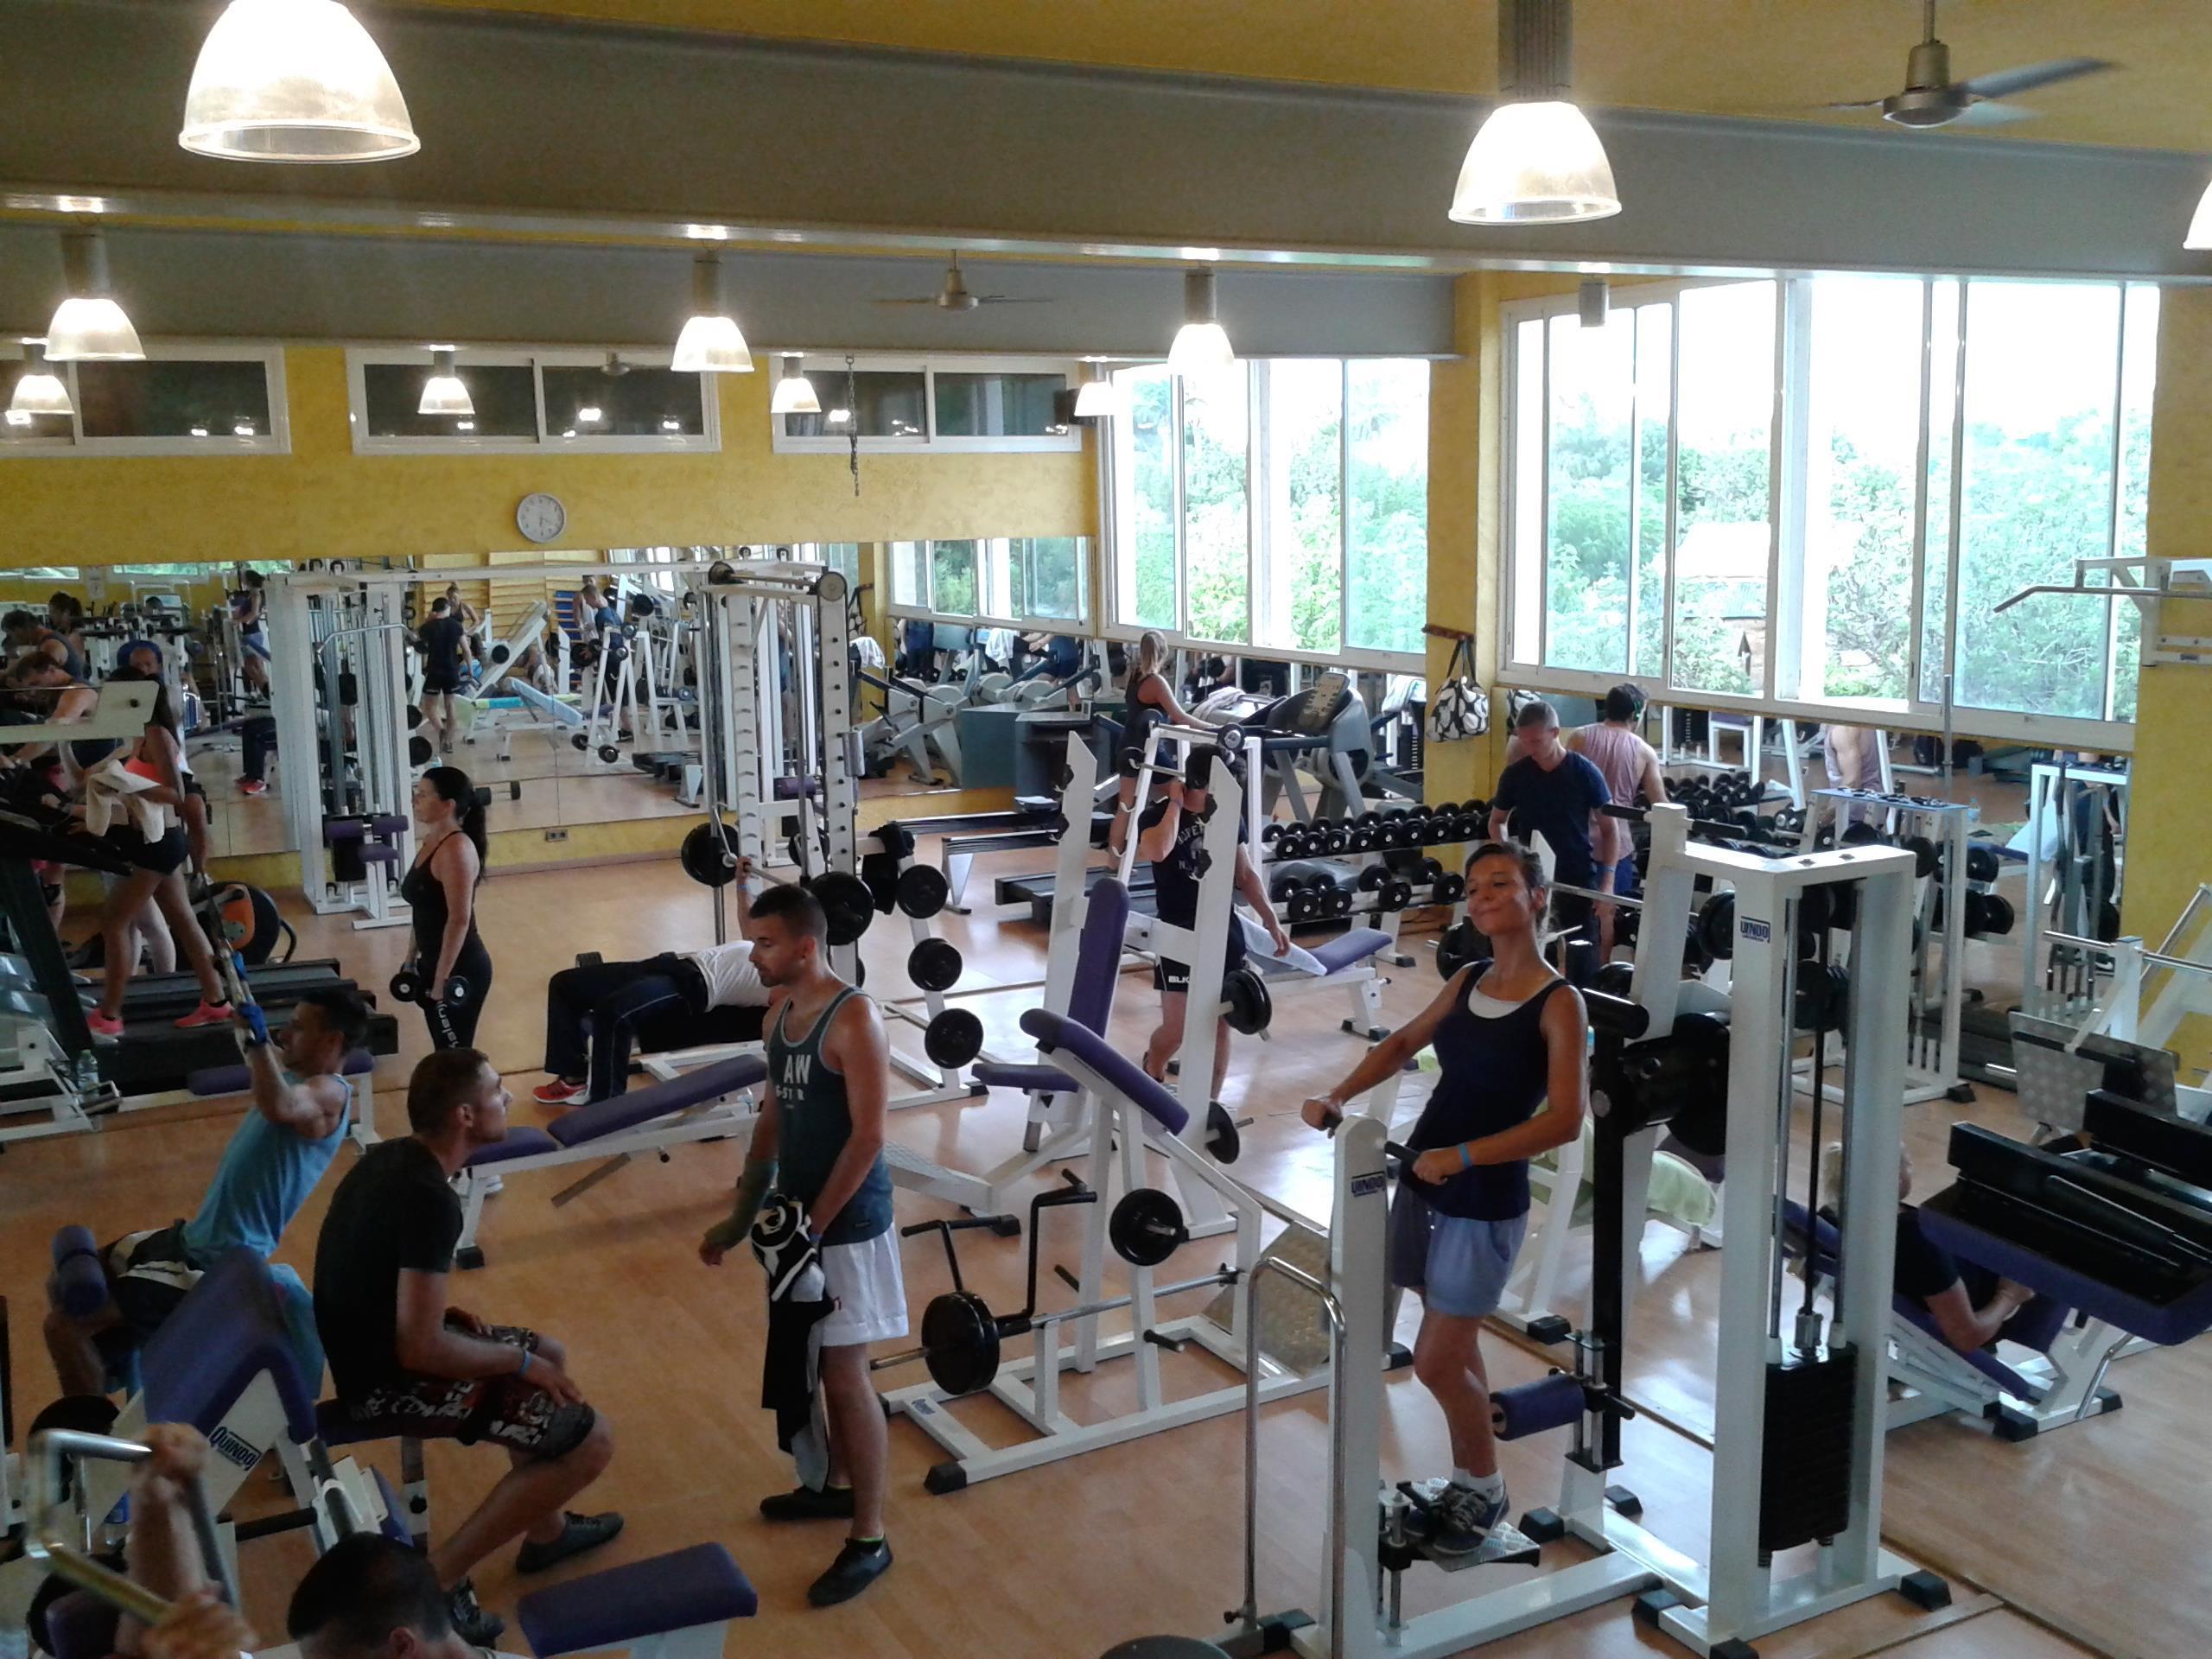 Fitnessraum Fitnesszentrum sport aktivitaeten